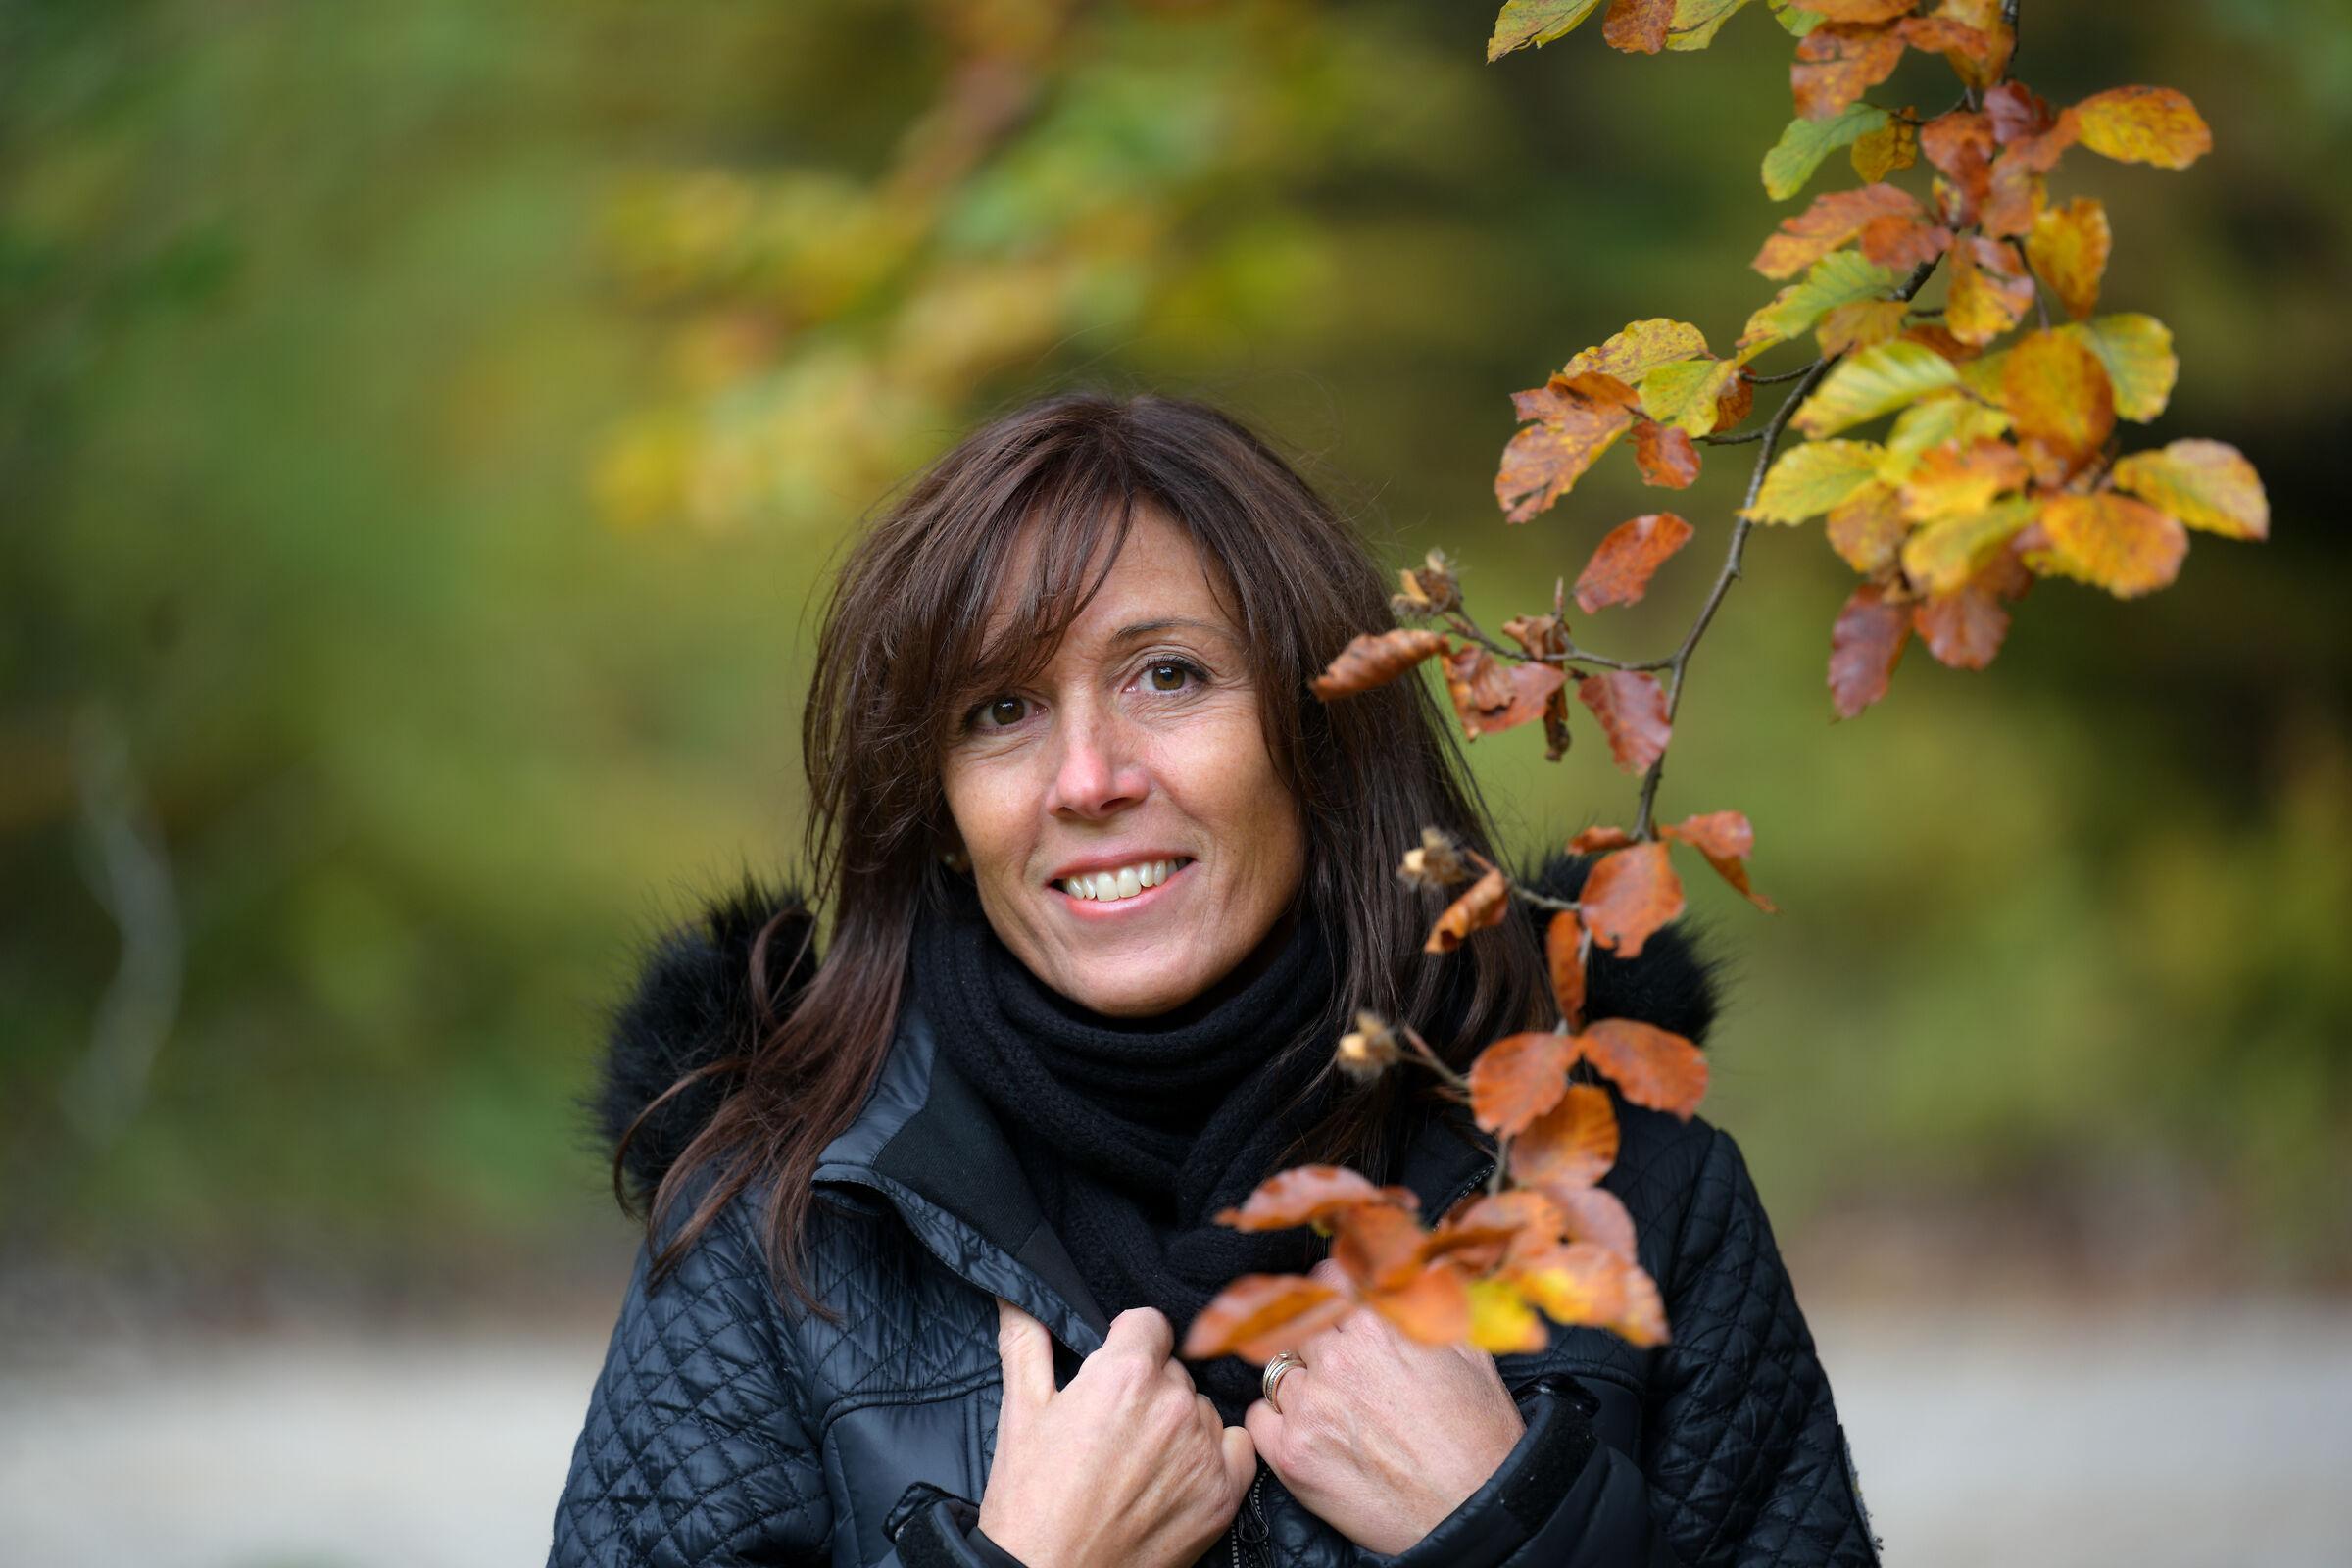 Smiling Autumn...